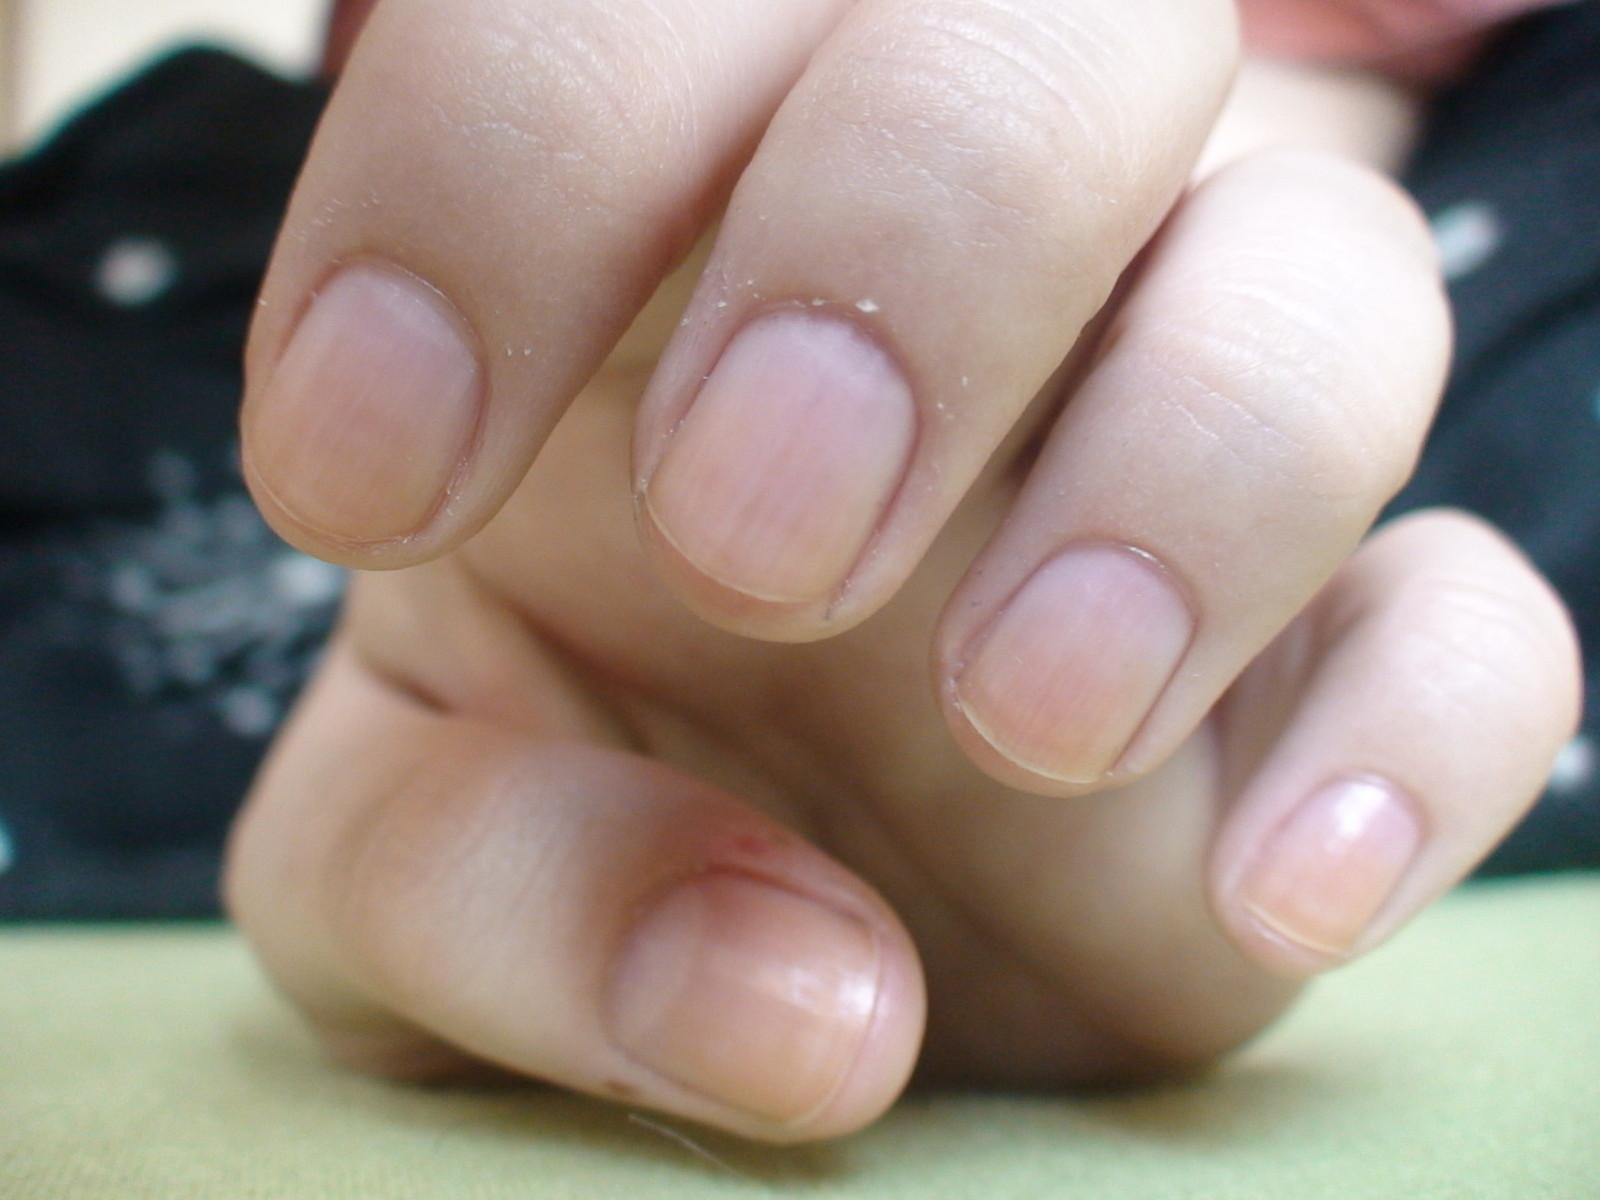 Pourquoi sémiettent les ongles sur les pieds le traitement